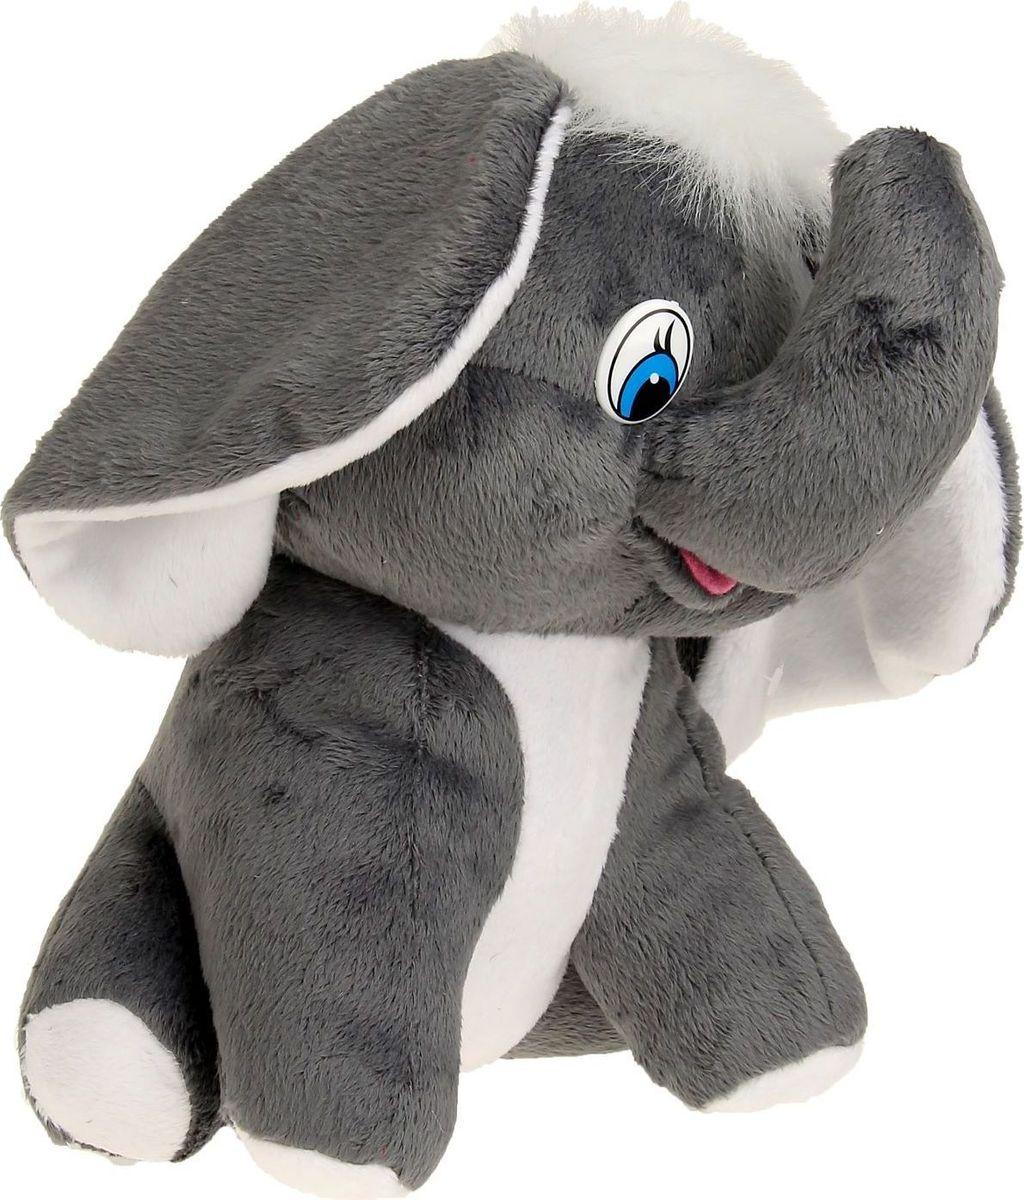 Sima-land Мягкая игрушка Слоненок Бимбо 35 см, Мягкие игрушки  - купить со скидкой